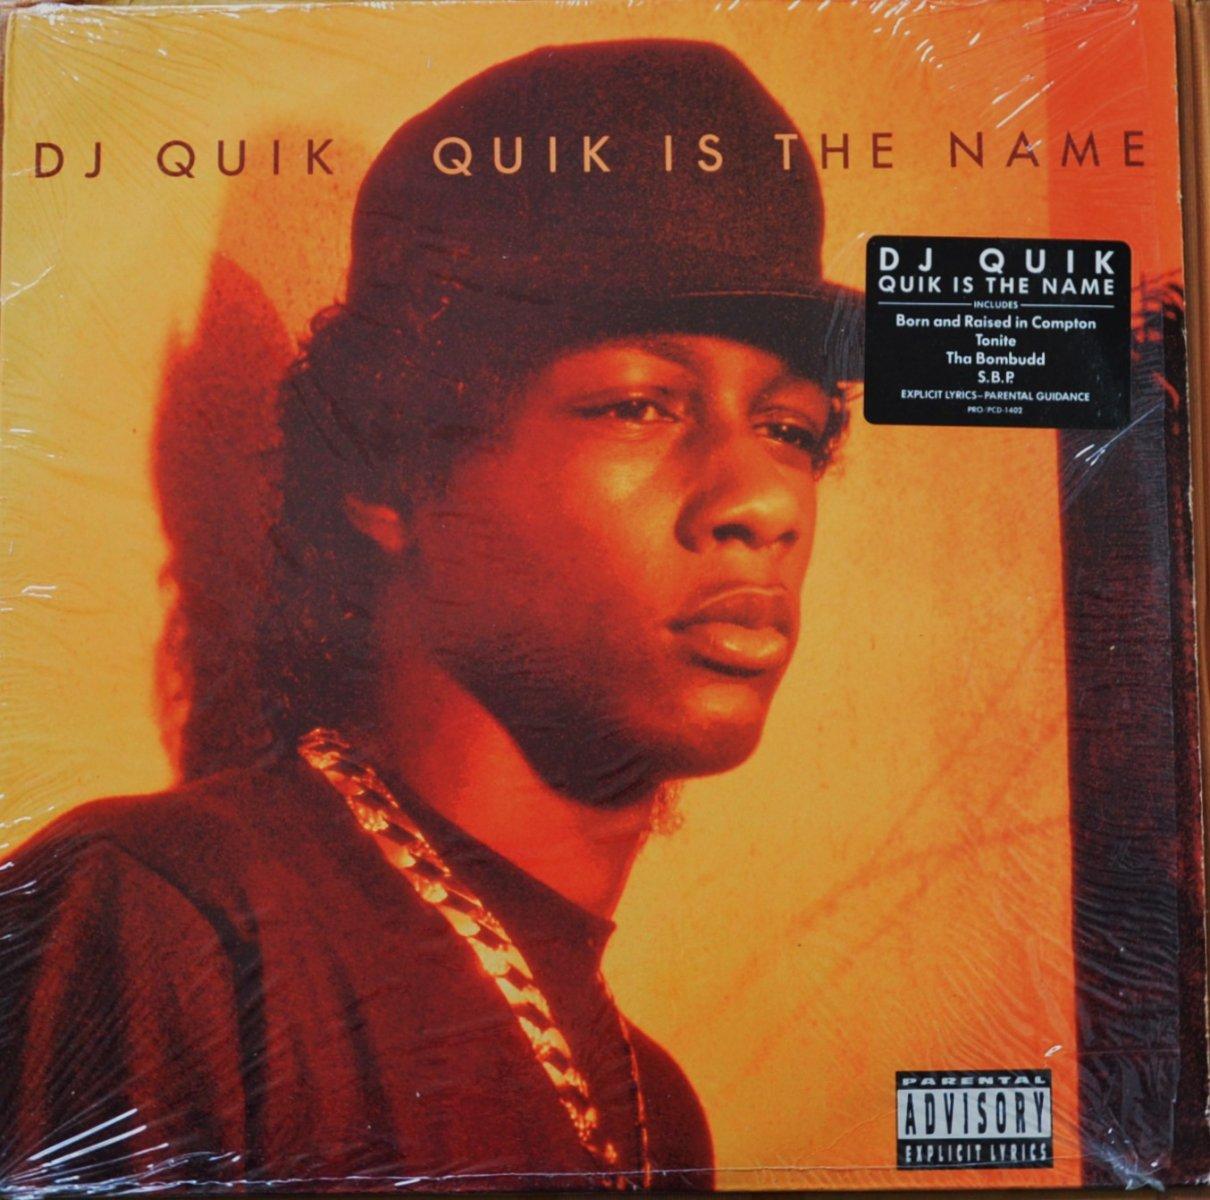 DJ QUIK / QUIK IS THE NAME (1LP)